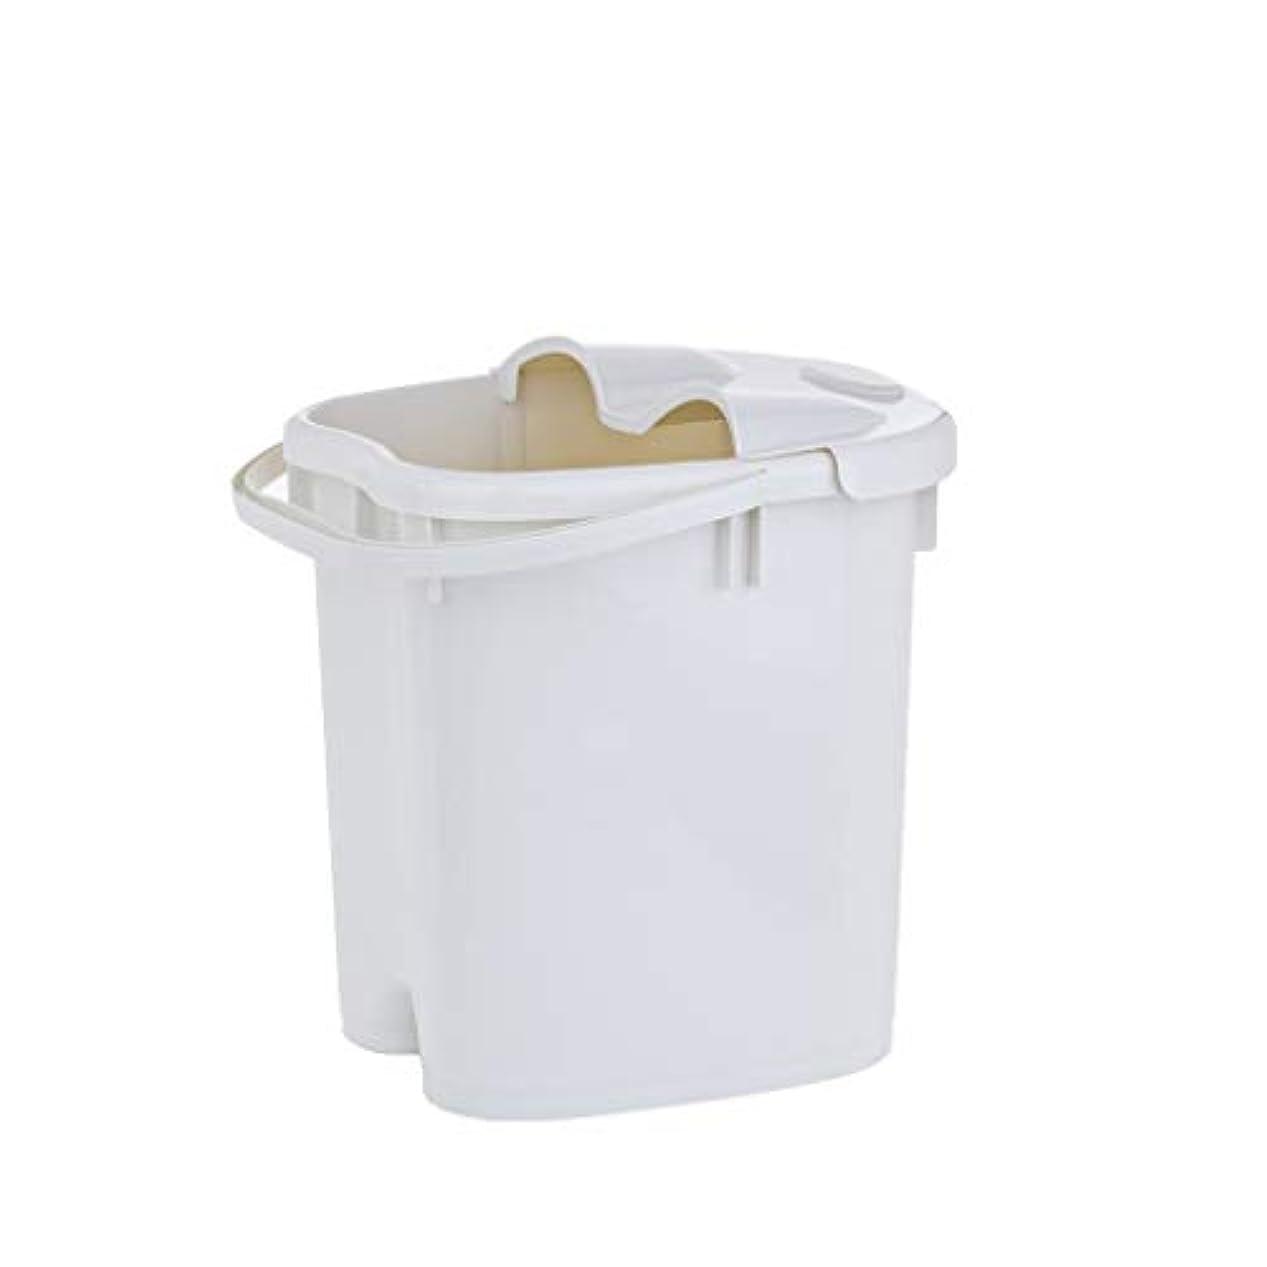 製油所ナンセンス参加者BB- ?AMT携帯用高まりのマッサージの浴槽のふたの熱保存のフィートの洗面器の世帯が付いている大人のフットバスのバケツ 0405 (色 : 白, サイズ さいず : 39cm high)